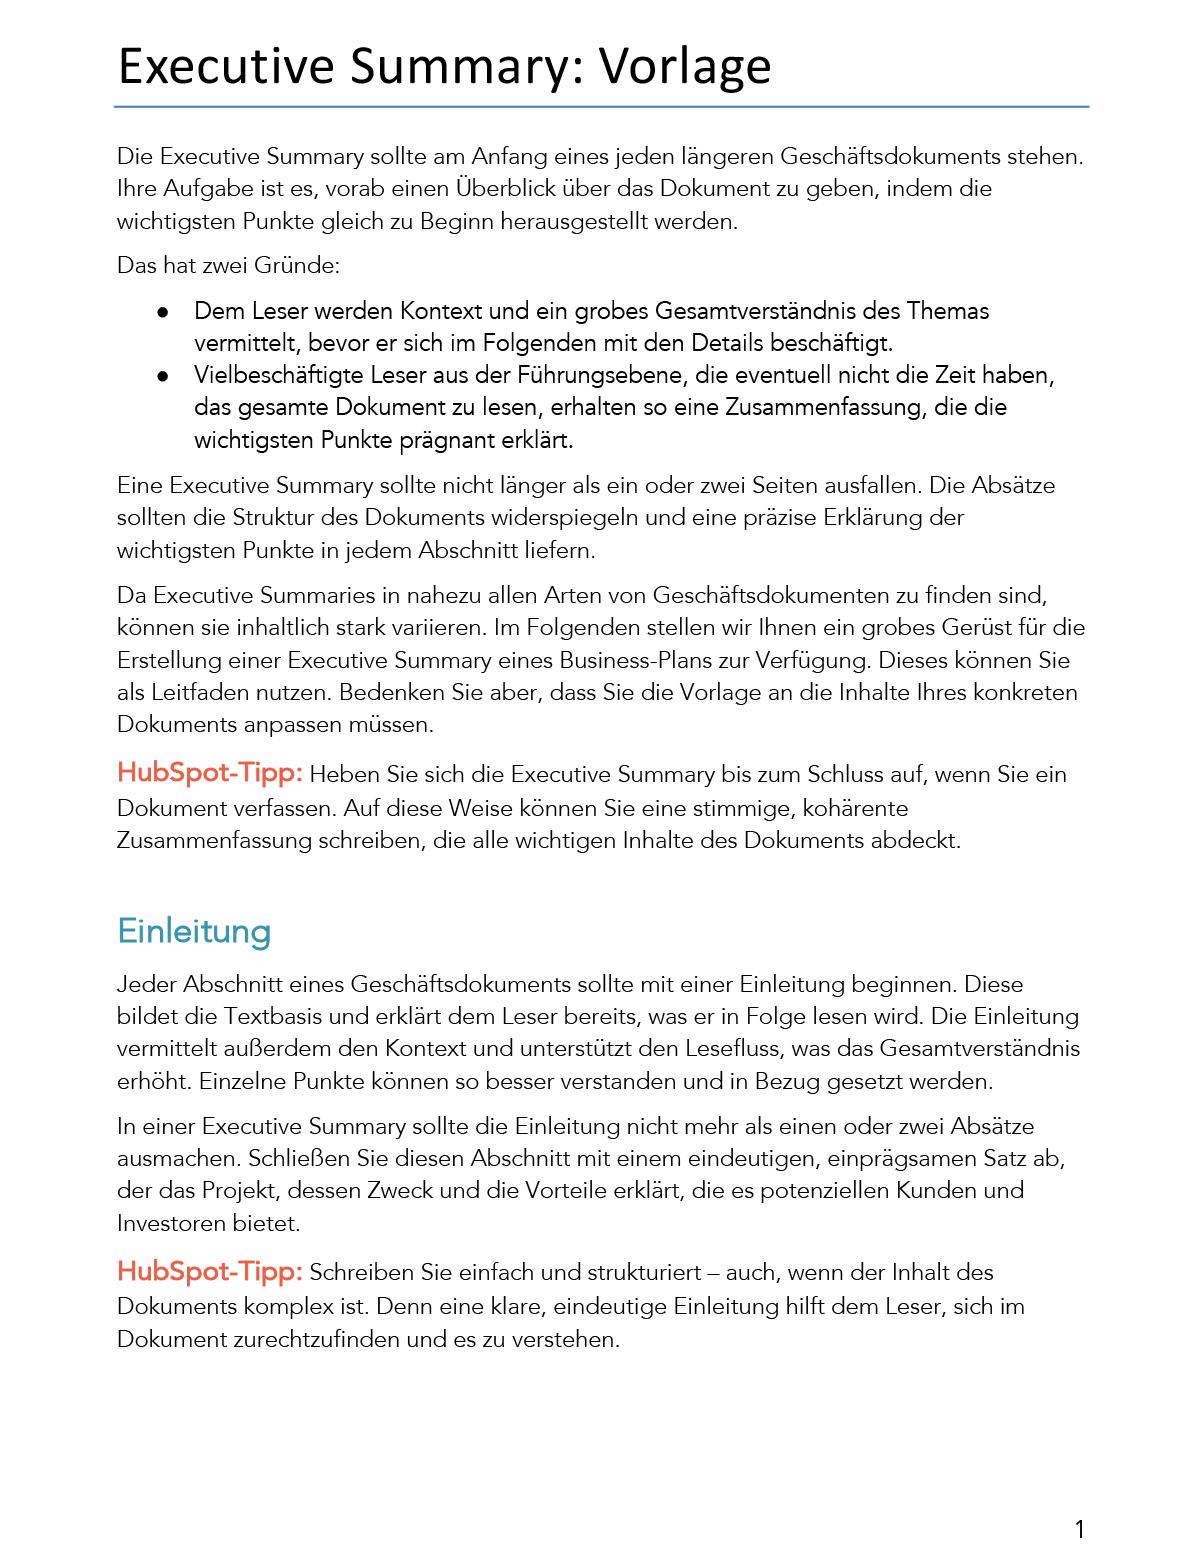 ᐅ Lernzettel Zusammenfassung Zum Lernen Schreiben